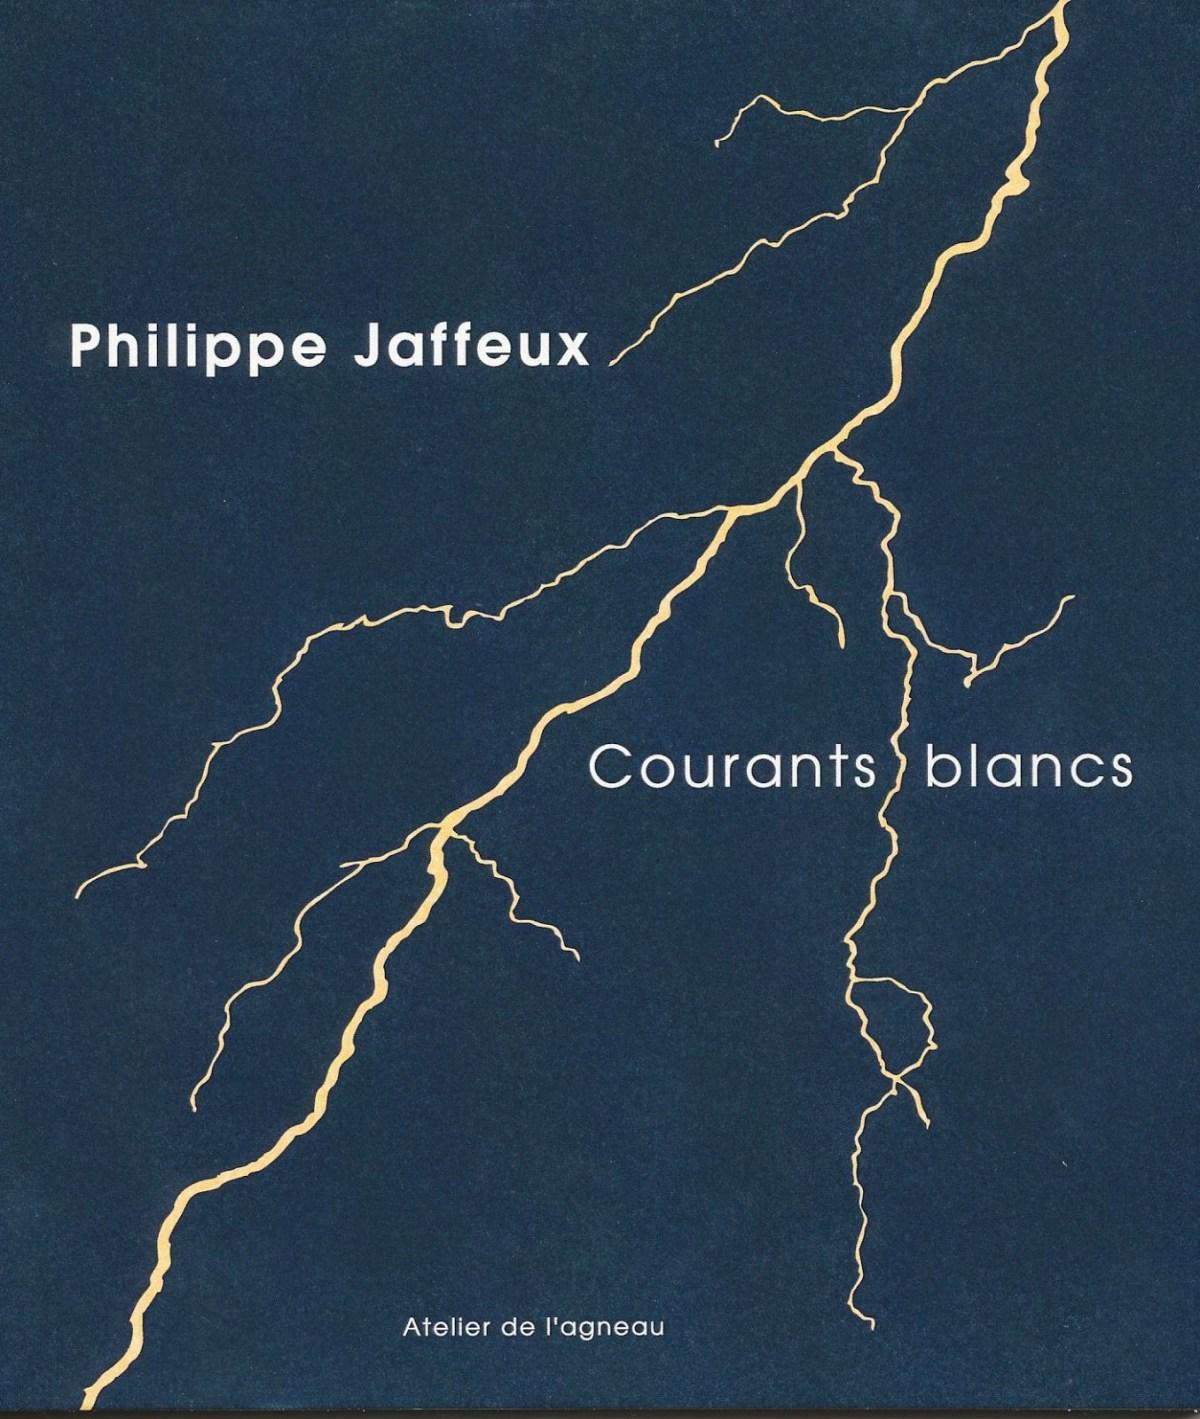 Courants blancs Philippe Jaffeux Atelier de l'agneau, 16 €